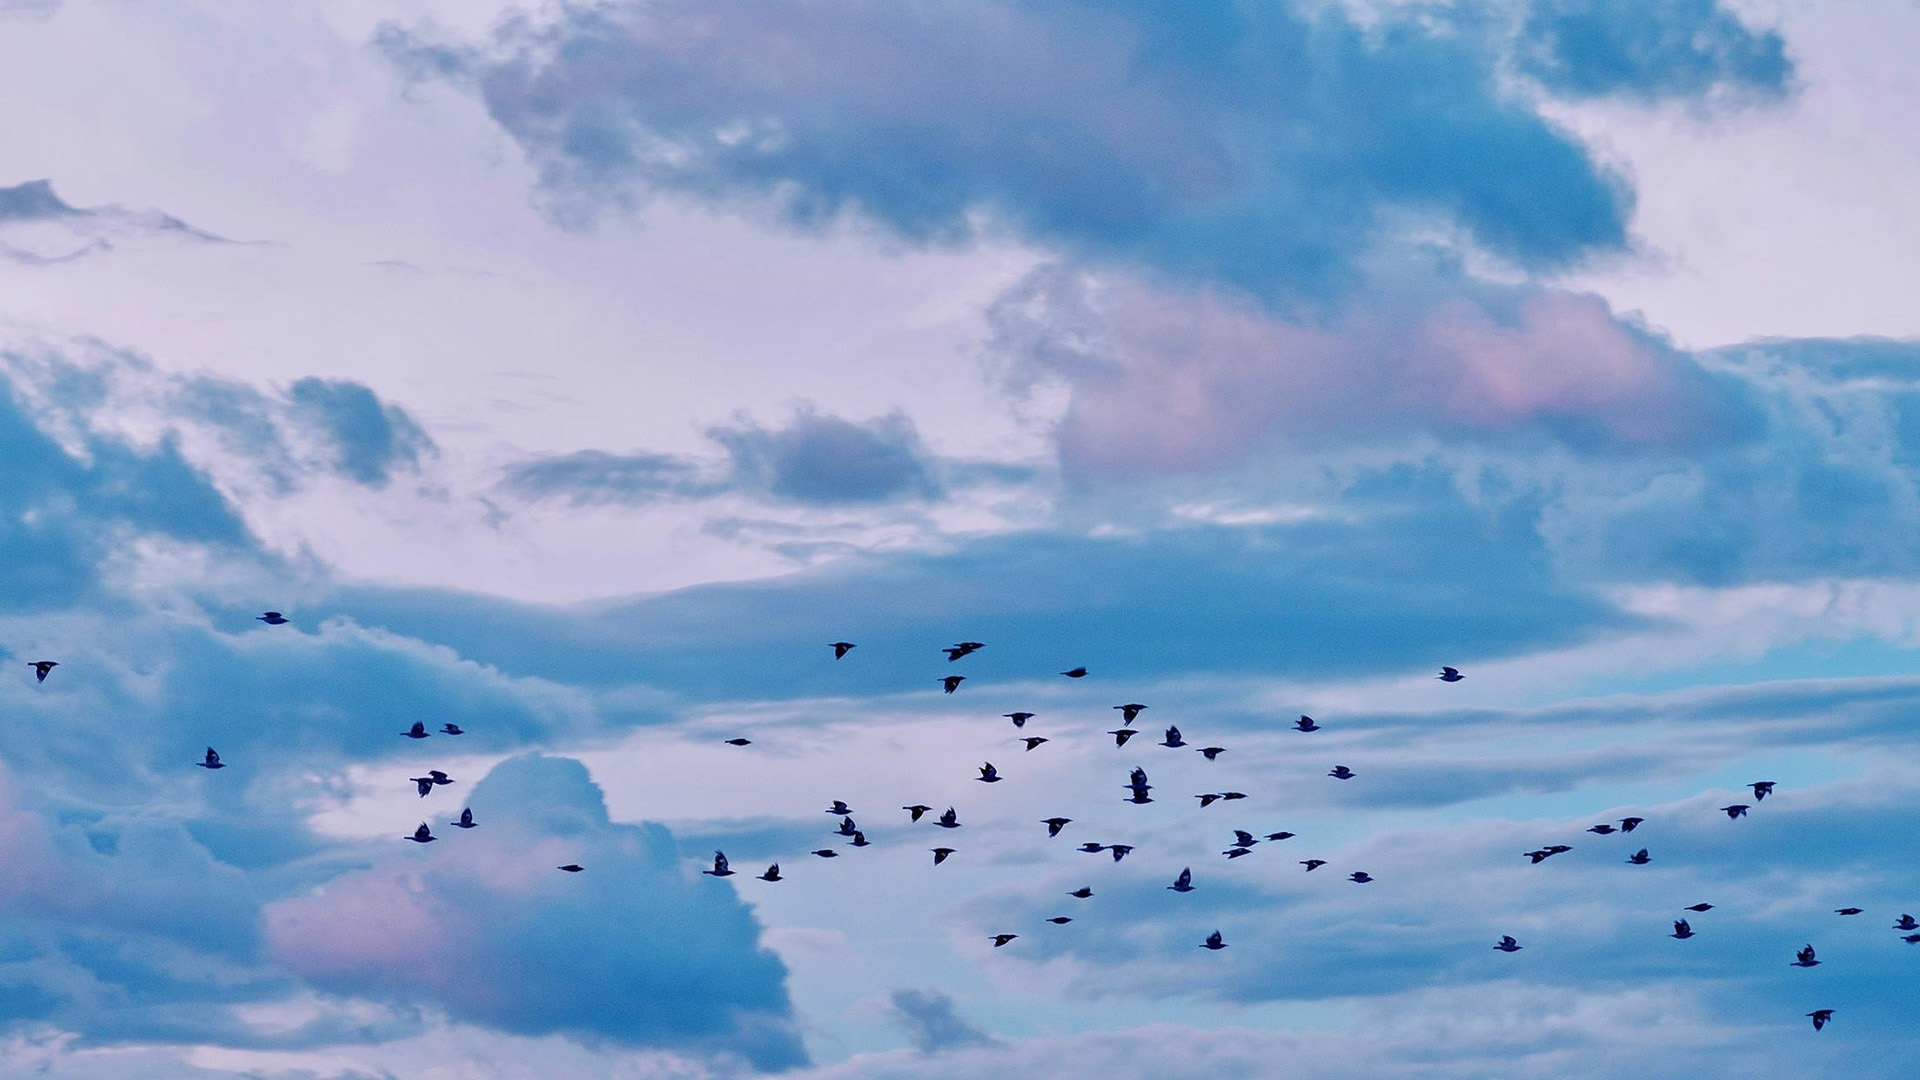 风景大片,落日余晖,鸟群,飞鸟,云彩,蓝天